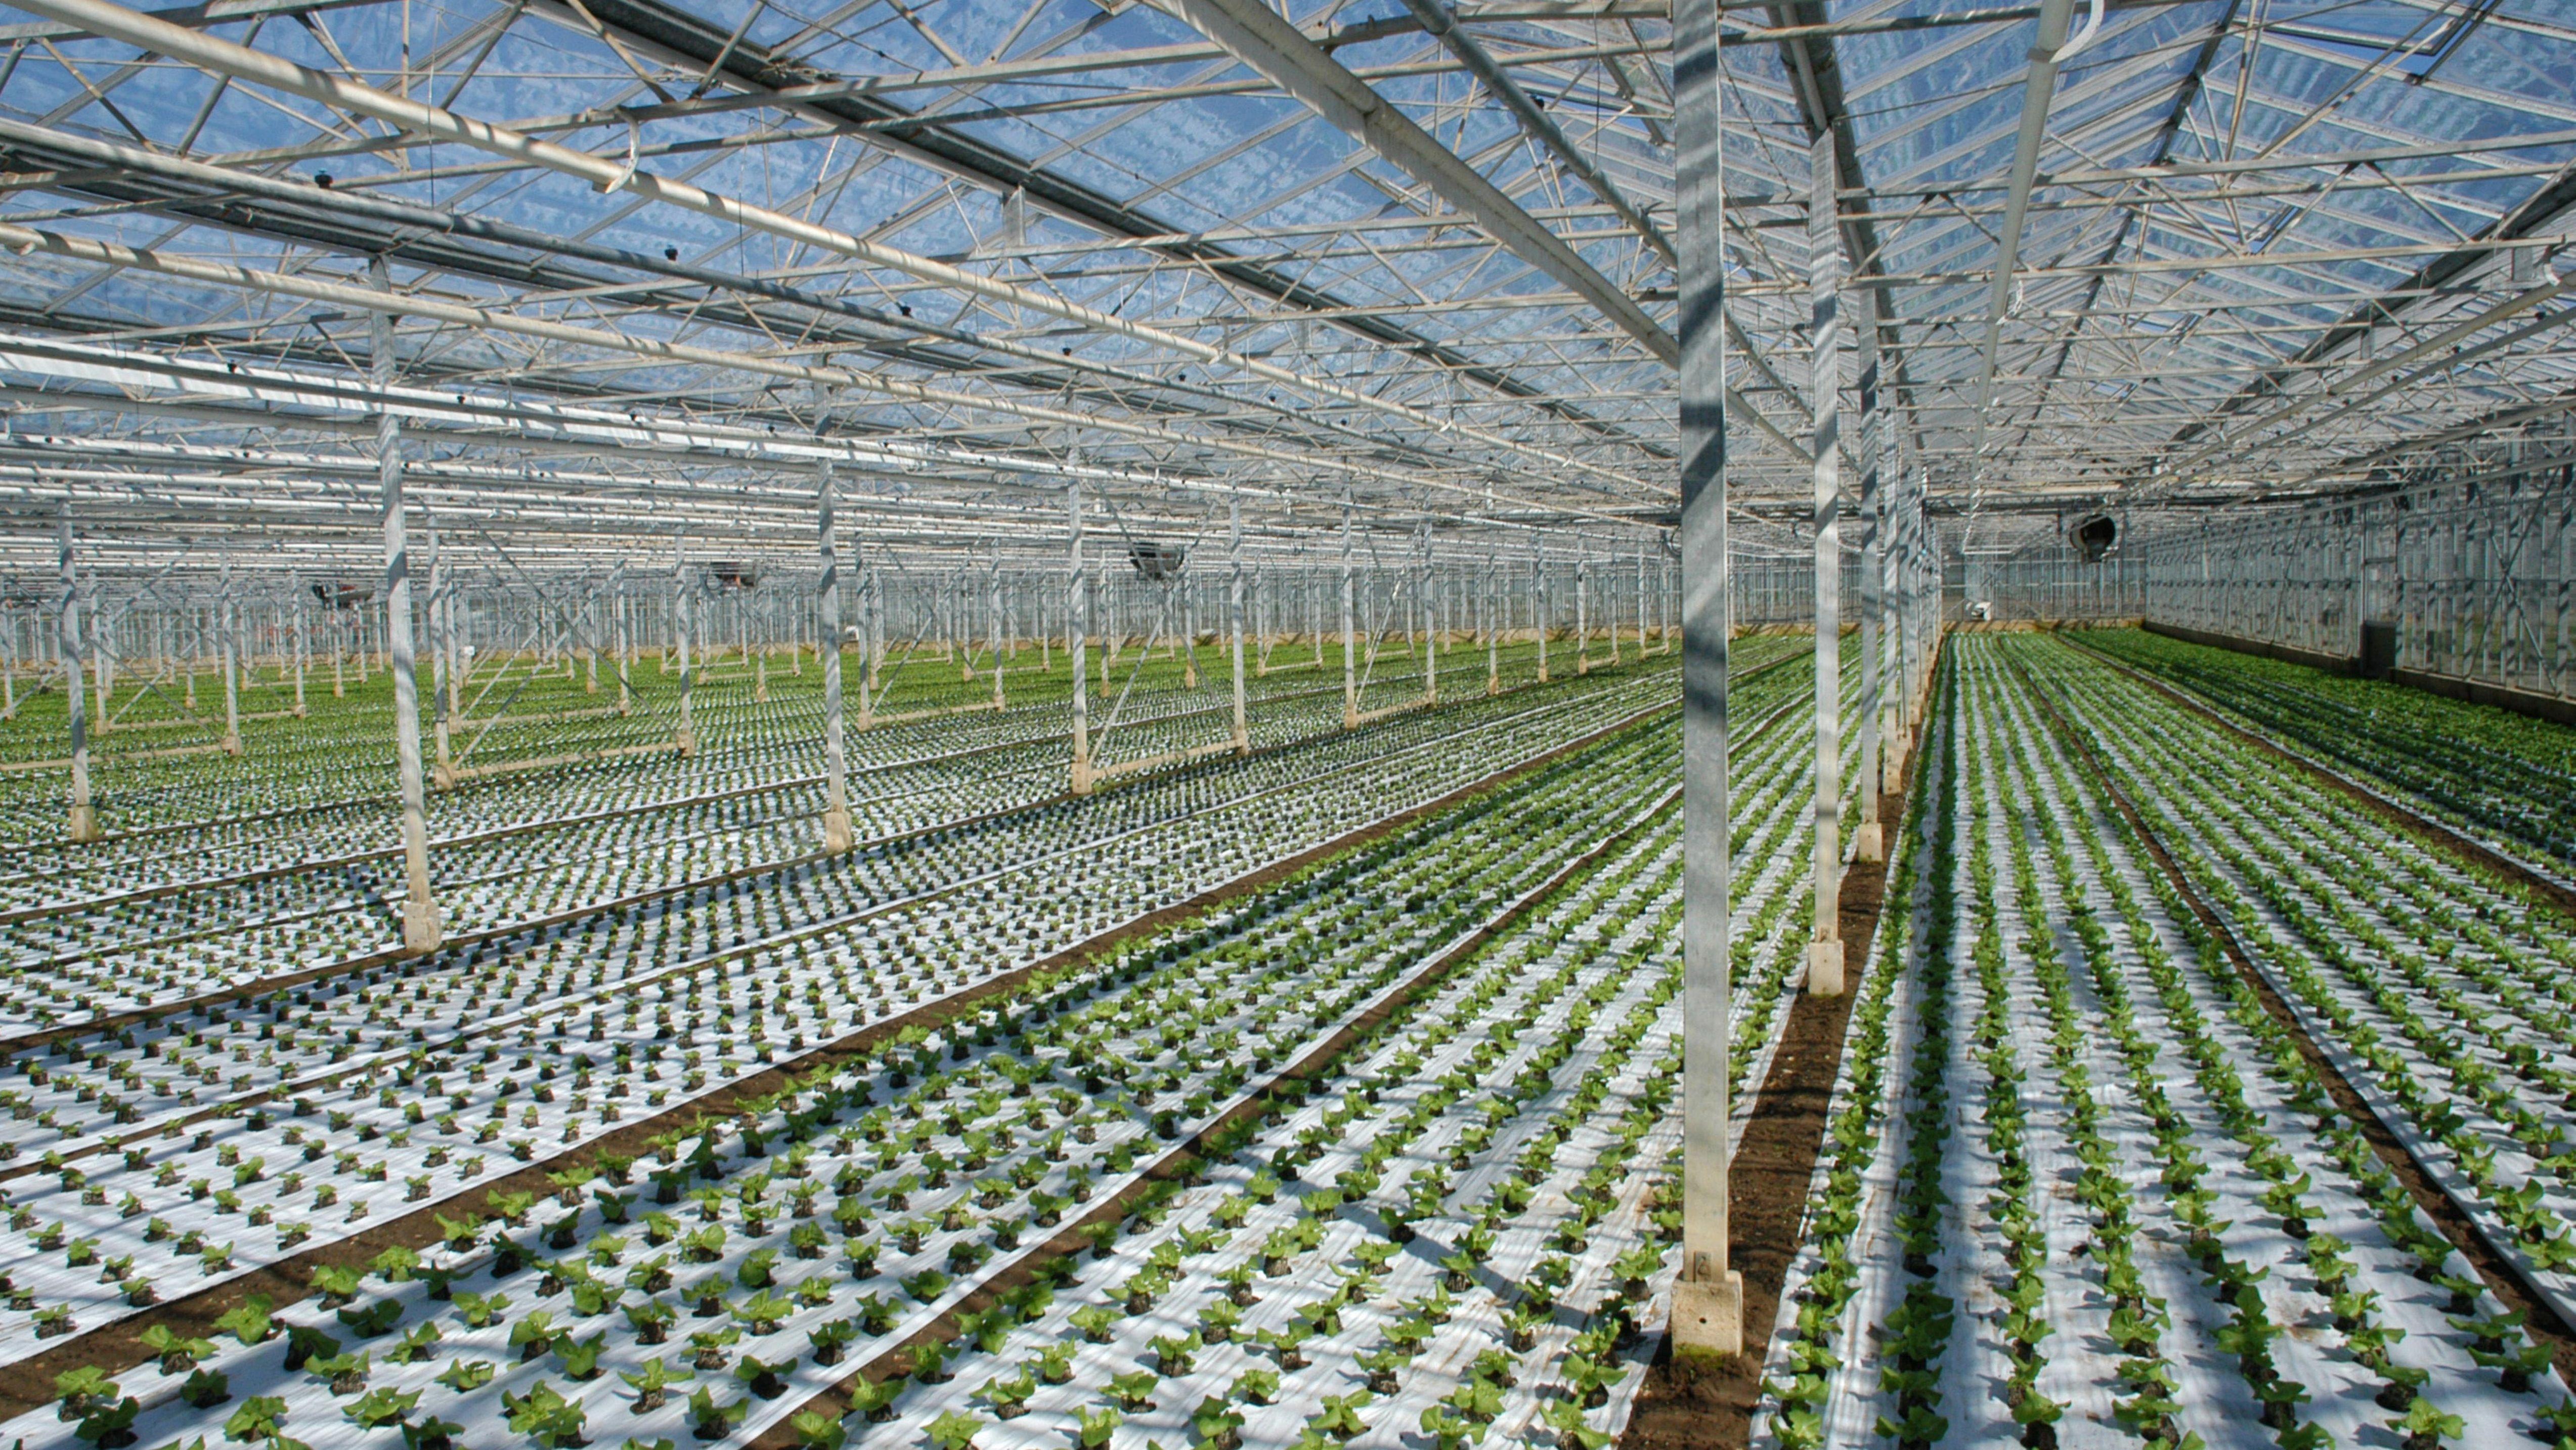 Salatpflanzen in einem Gewächshaus